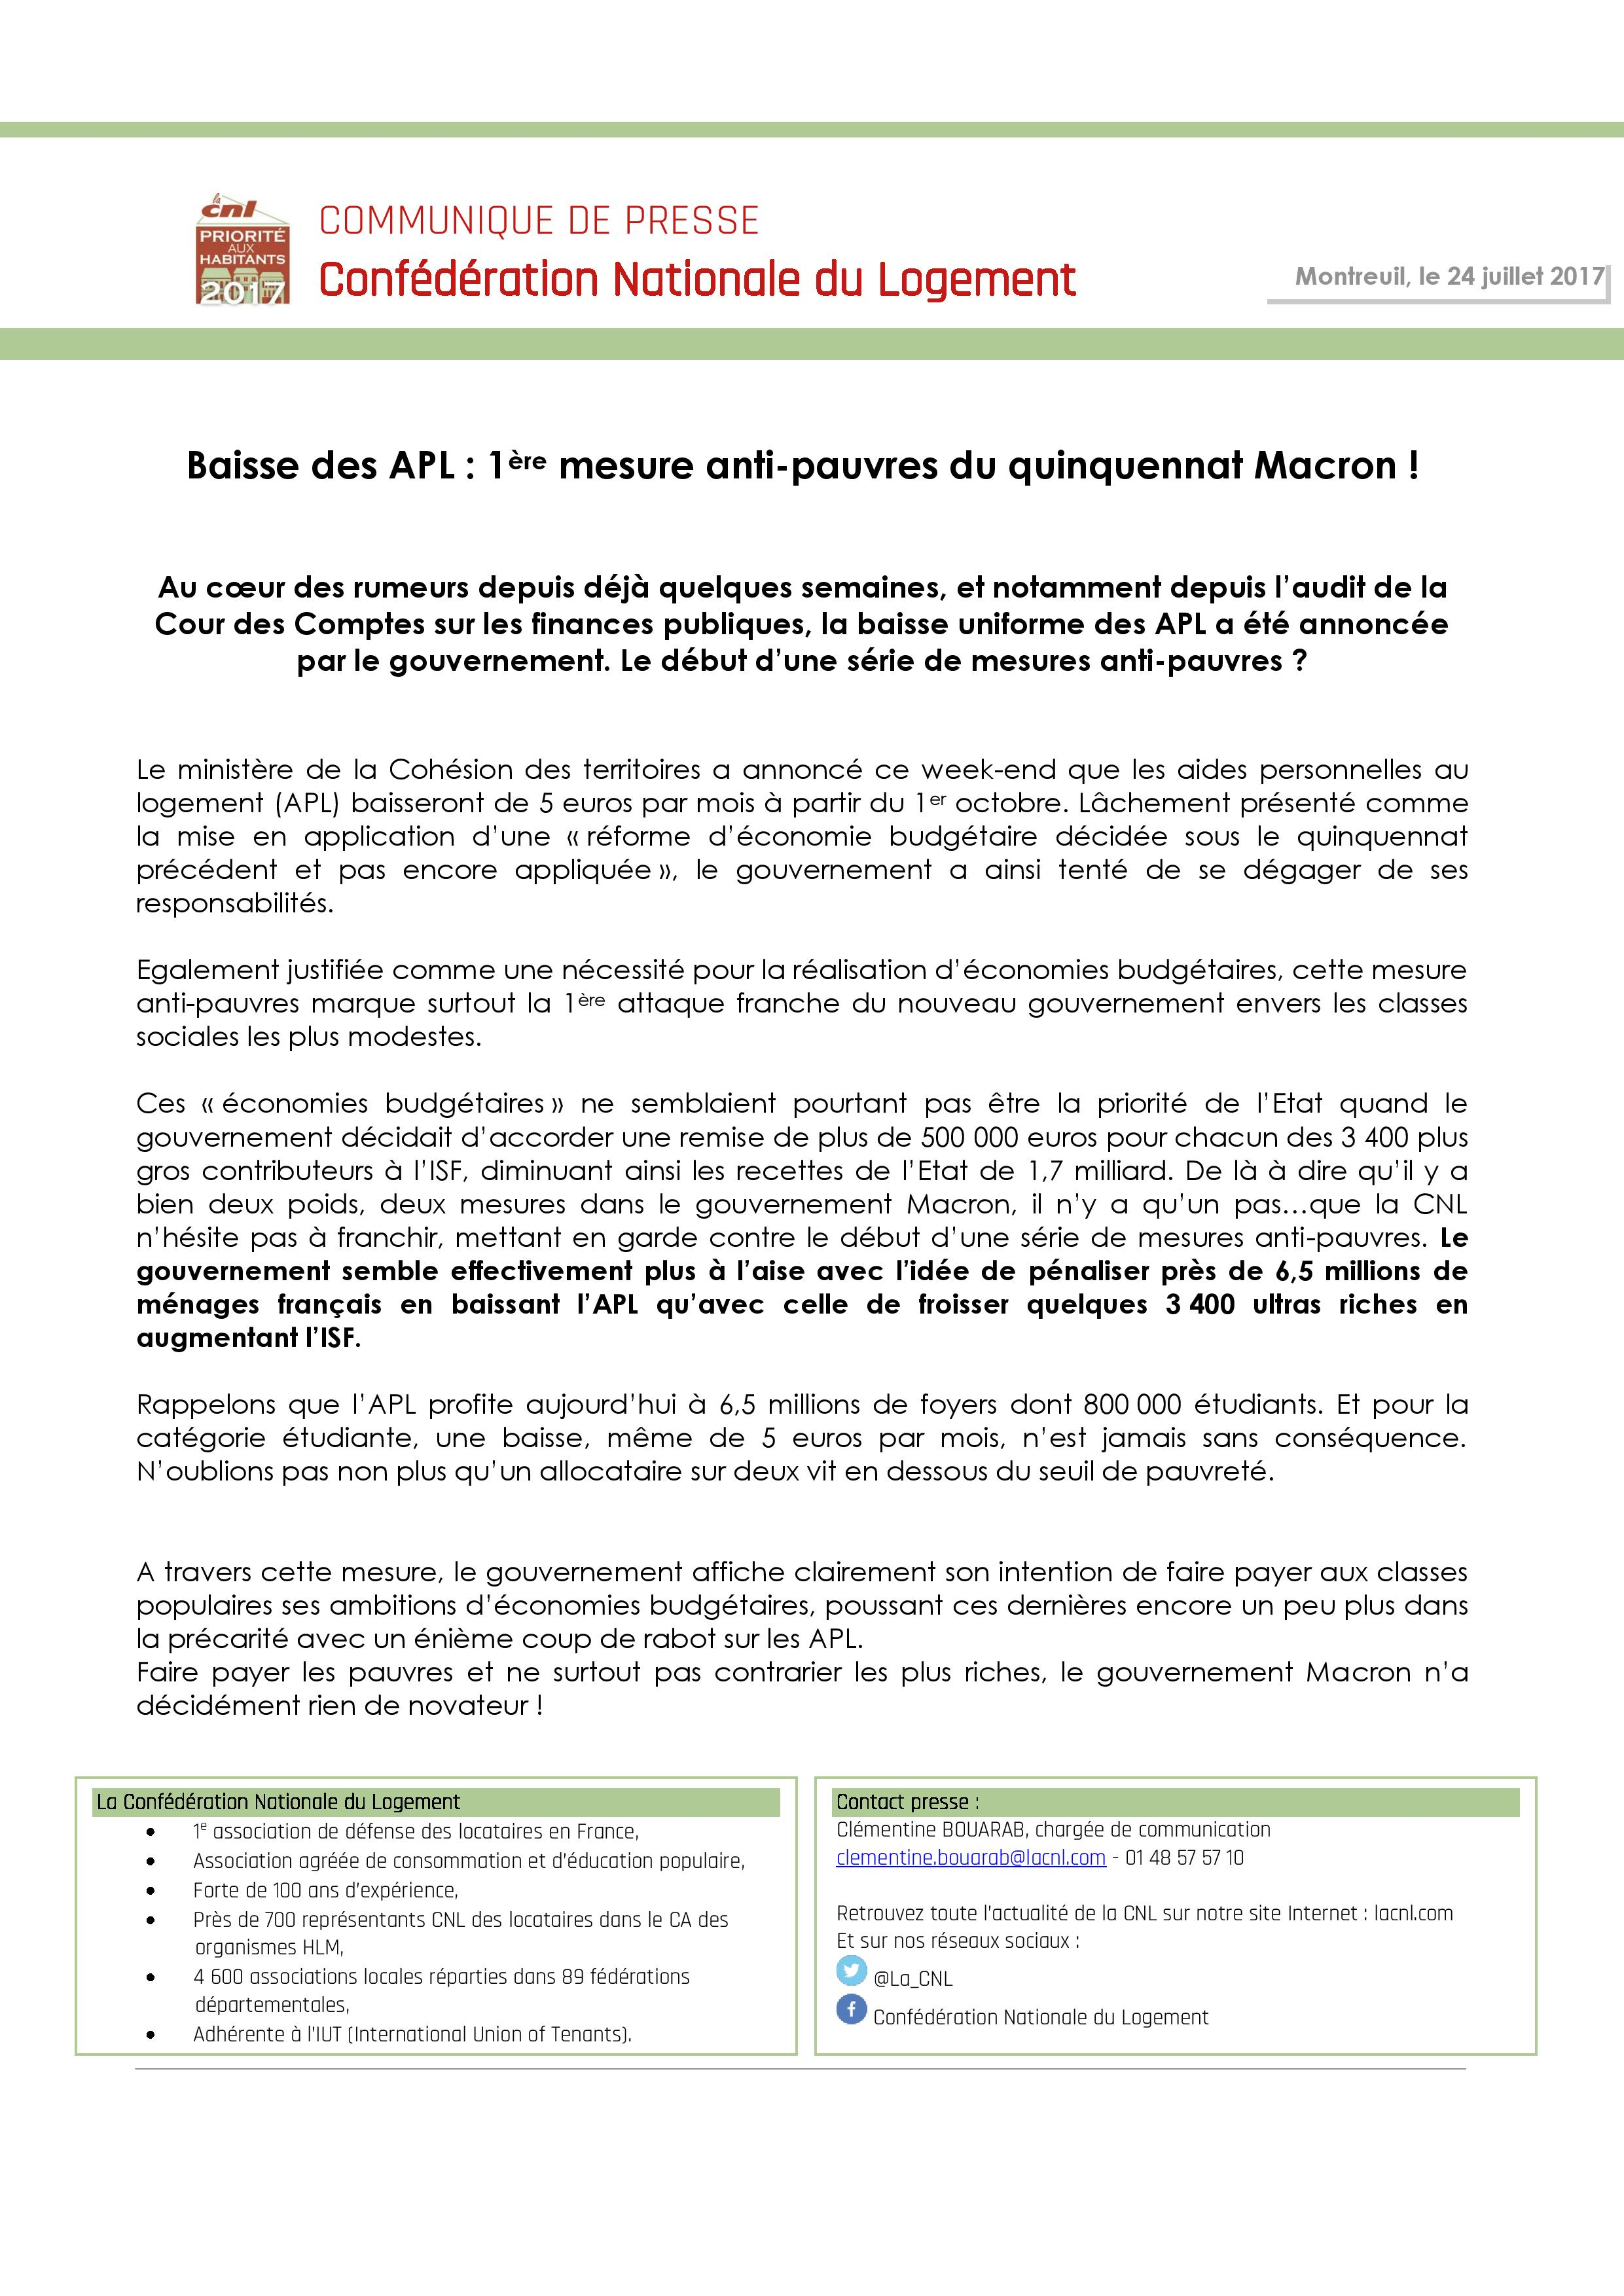 20170724_Baisse des APL - 1ère mesure anti-pauvres du quinquennat Macron-page-001